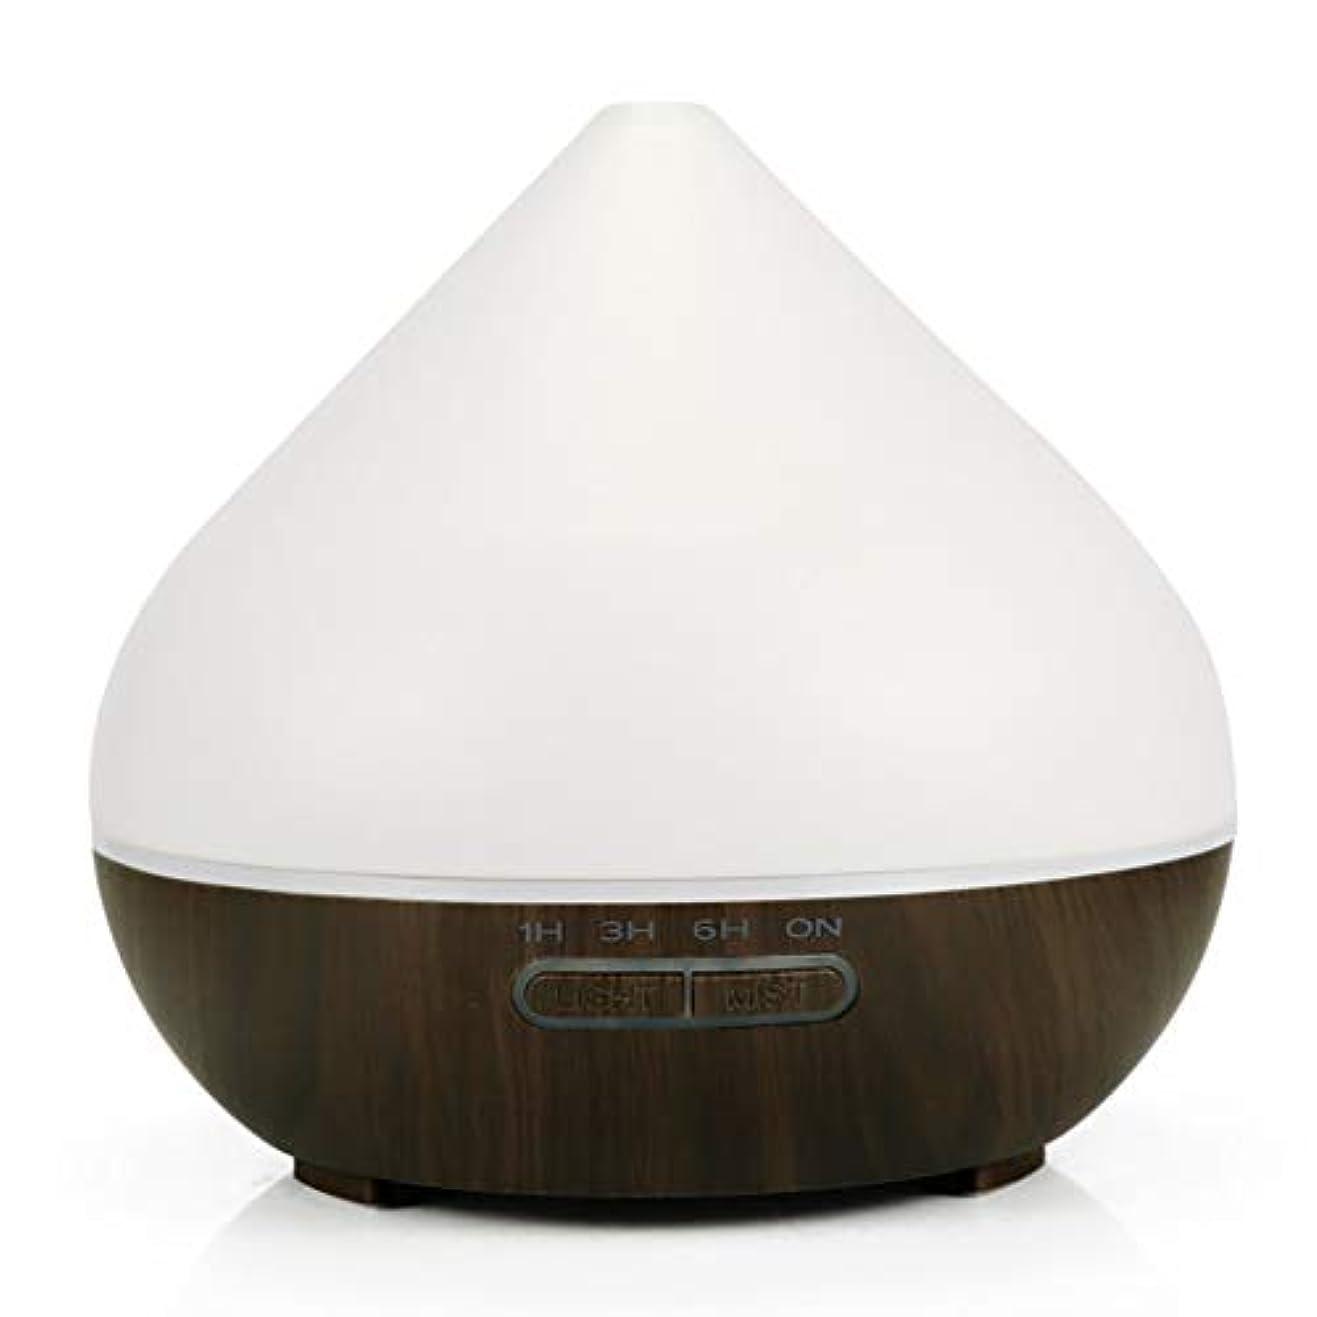 フローティング亜熱帯選択する超音波アロマセラピー香りの良い加湿器、300mlアロマセラピーエッセンシャルオイルディフューザー、寝室用の7つのLEDライトカラー、ホーム、オフィス,darkbase